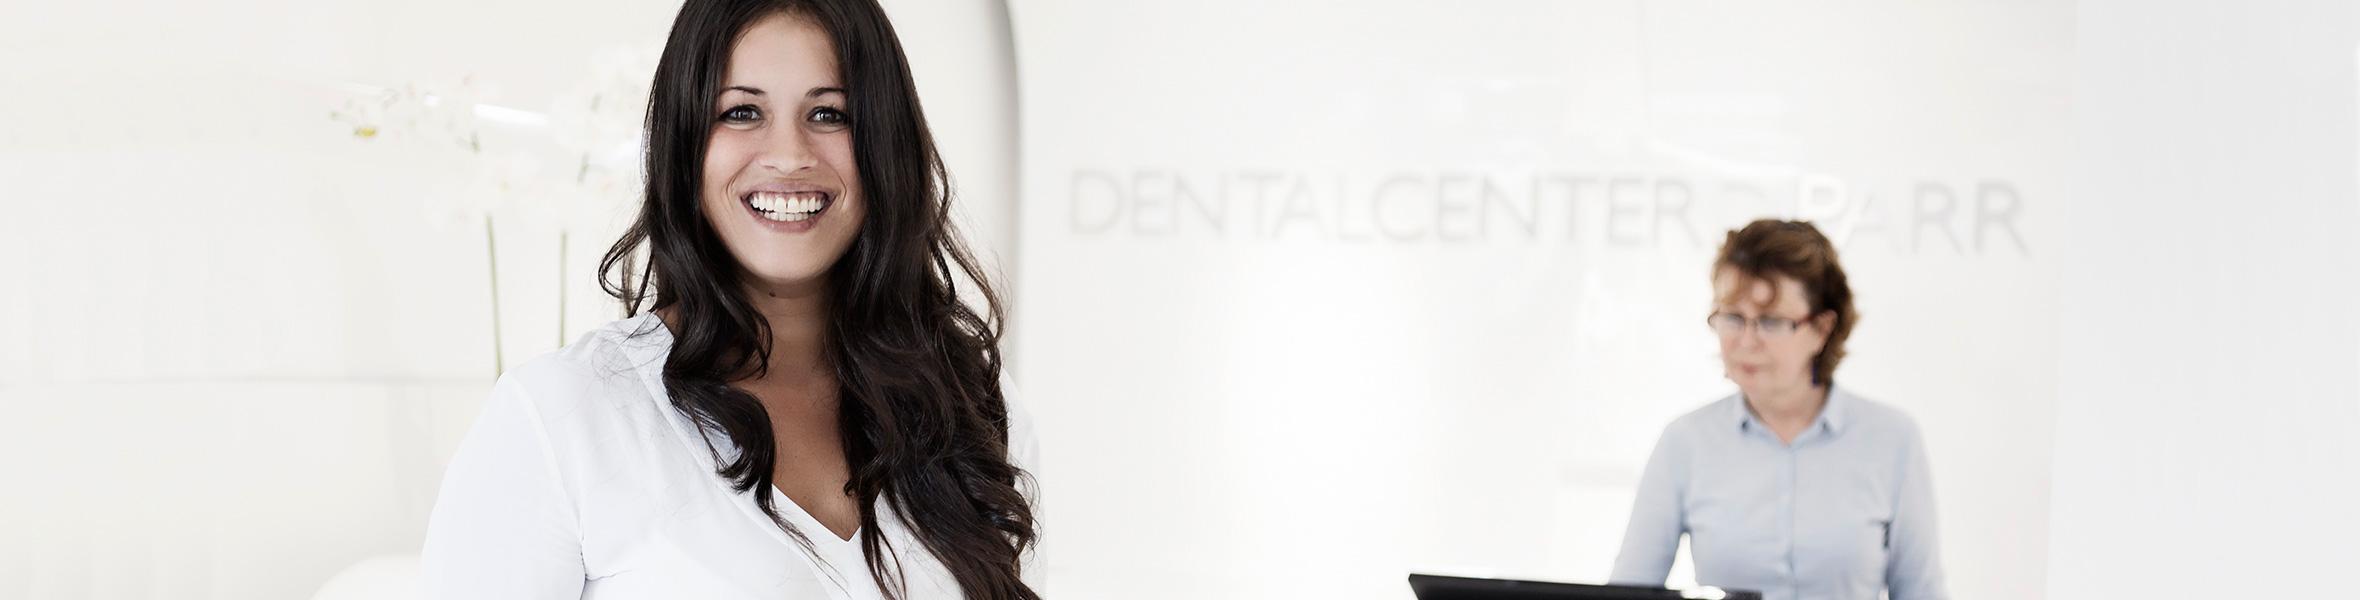 contacto en dental center diparr